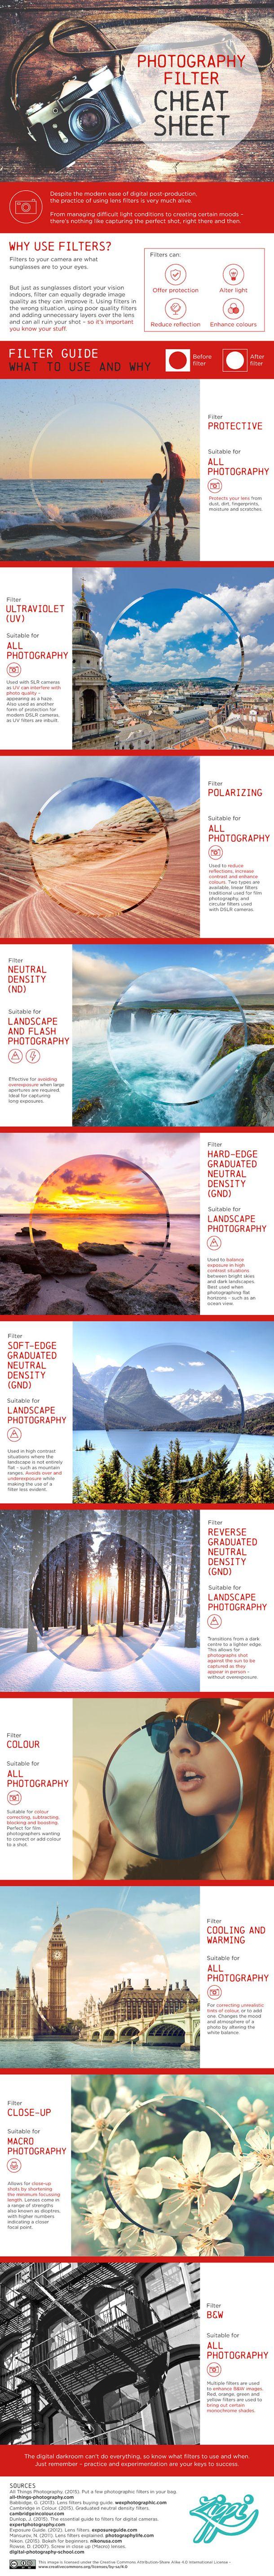 photography-filter-cheat-sheet-final